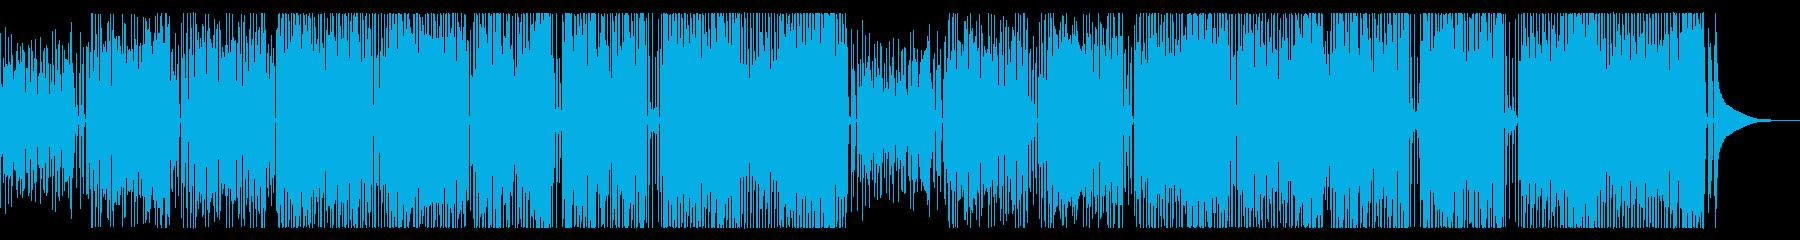 かわいくあかるいアコースティックポップの再生済みの波形